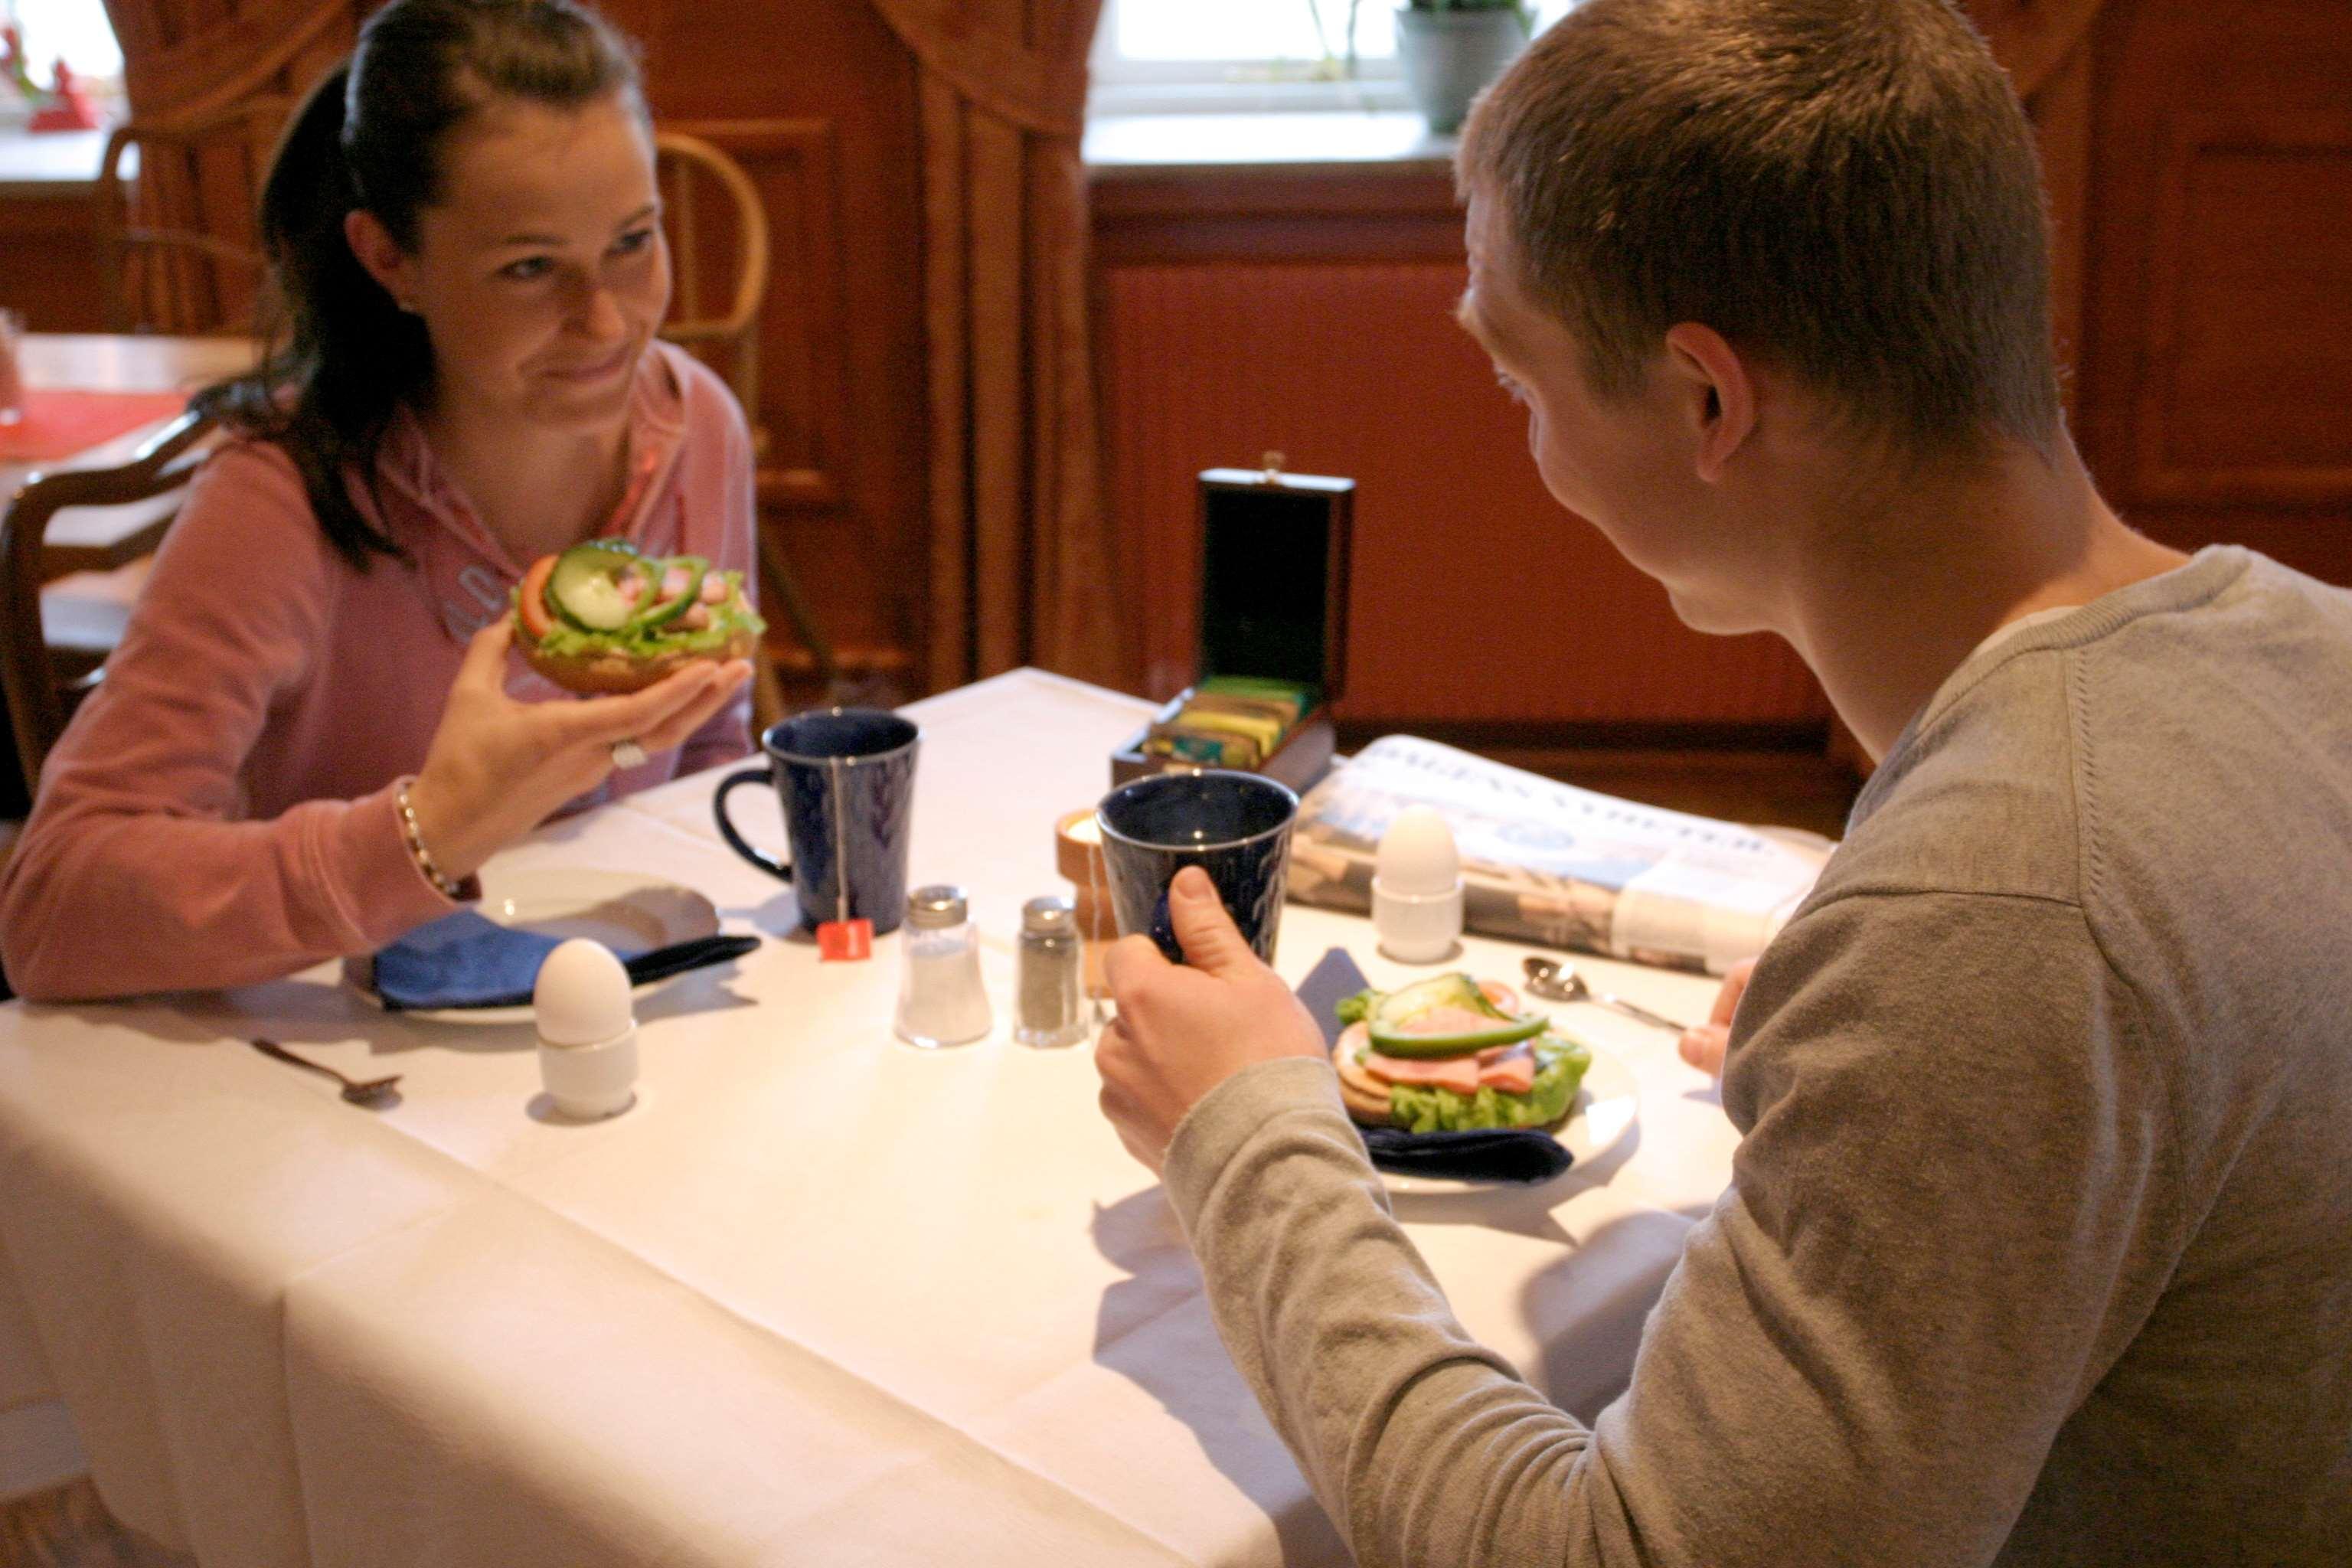 FrBreakfast in restaurant